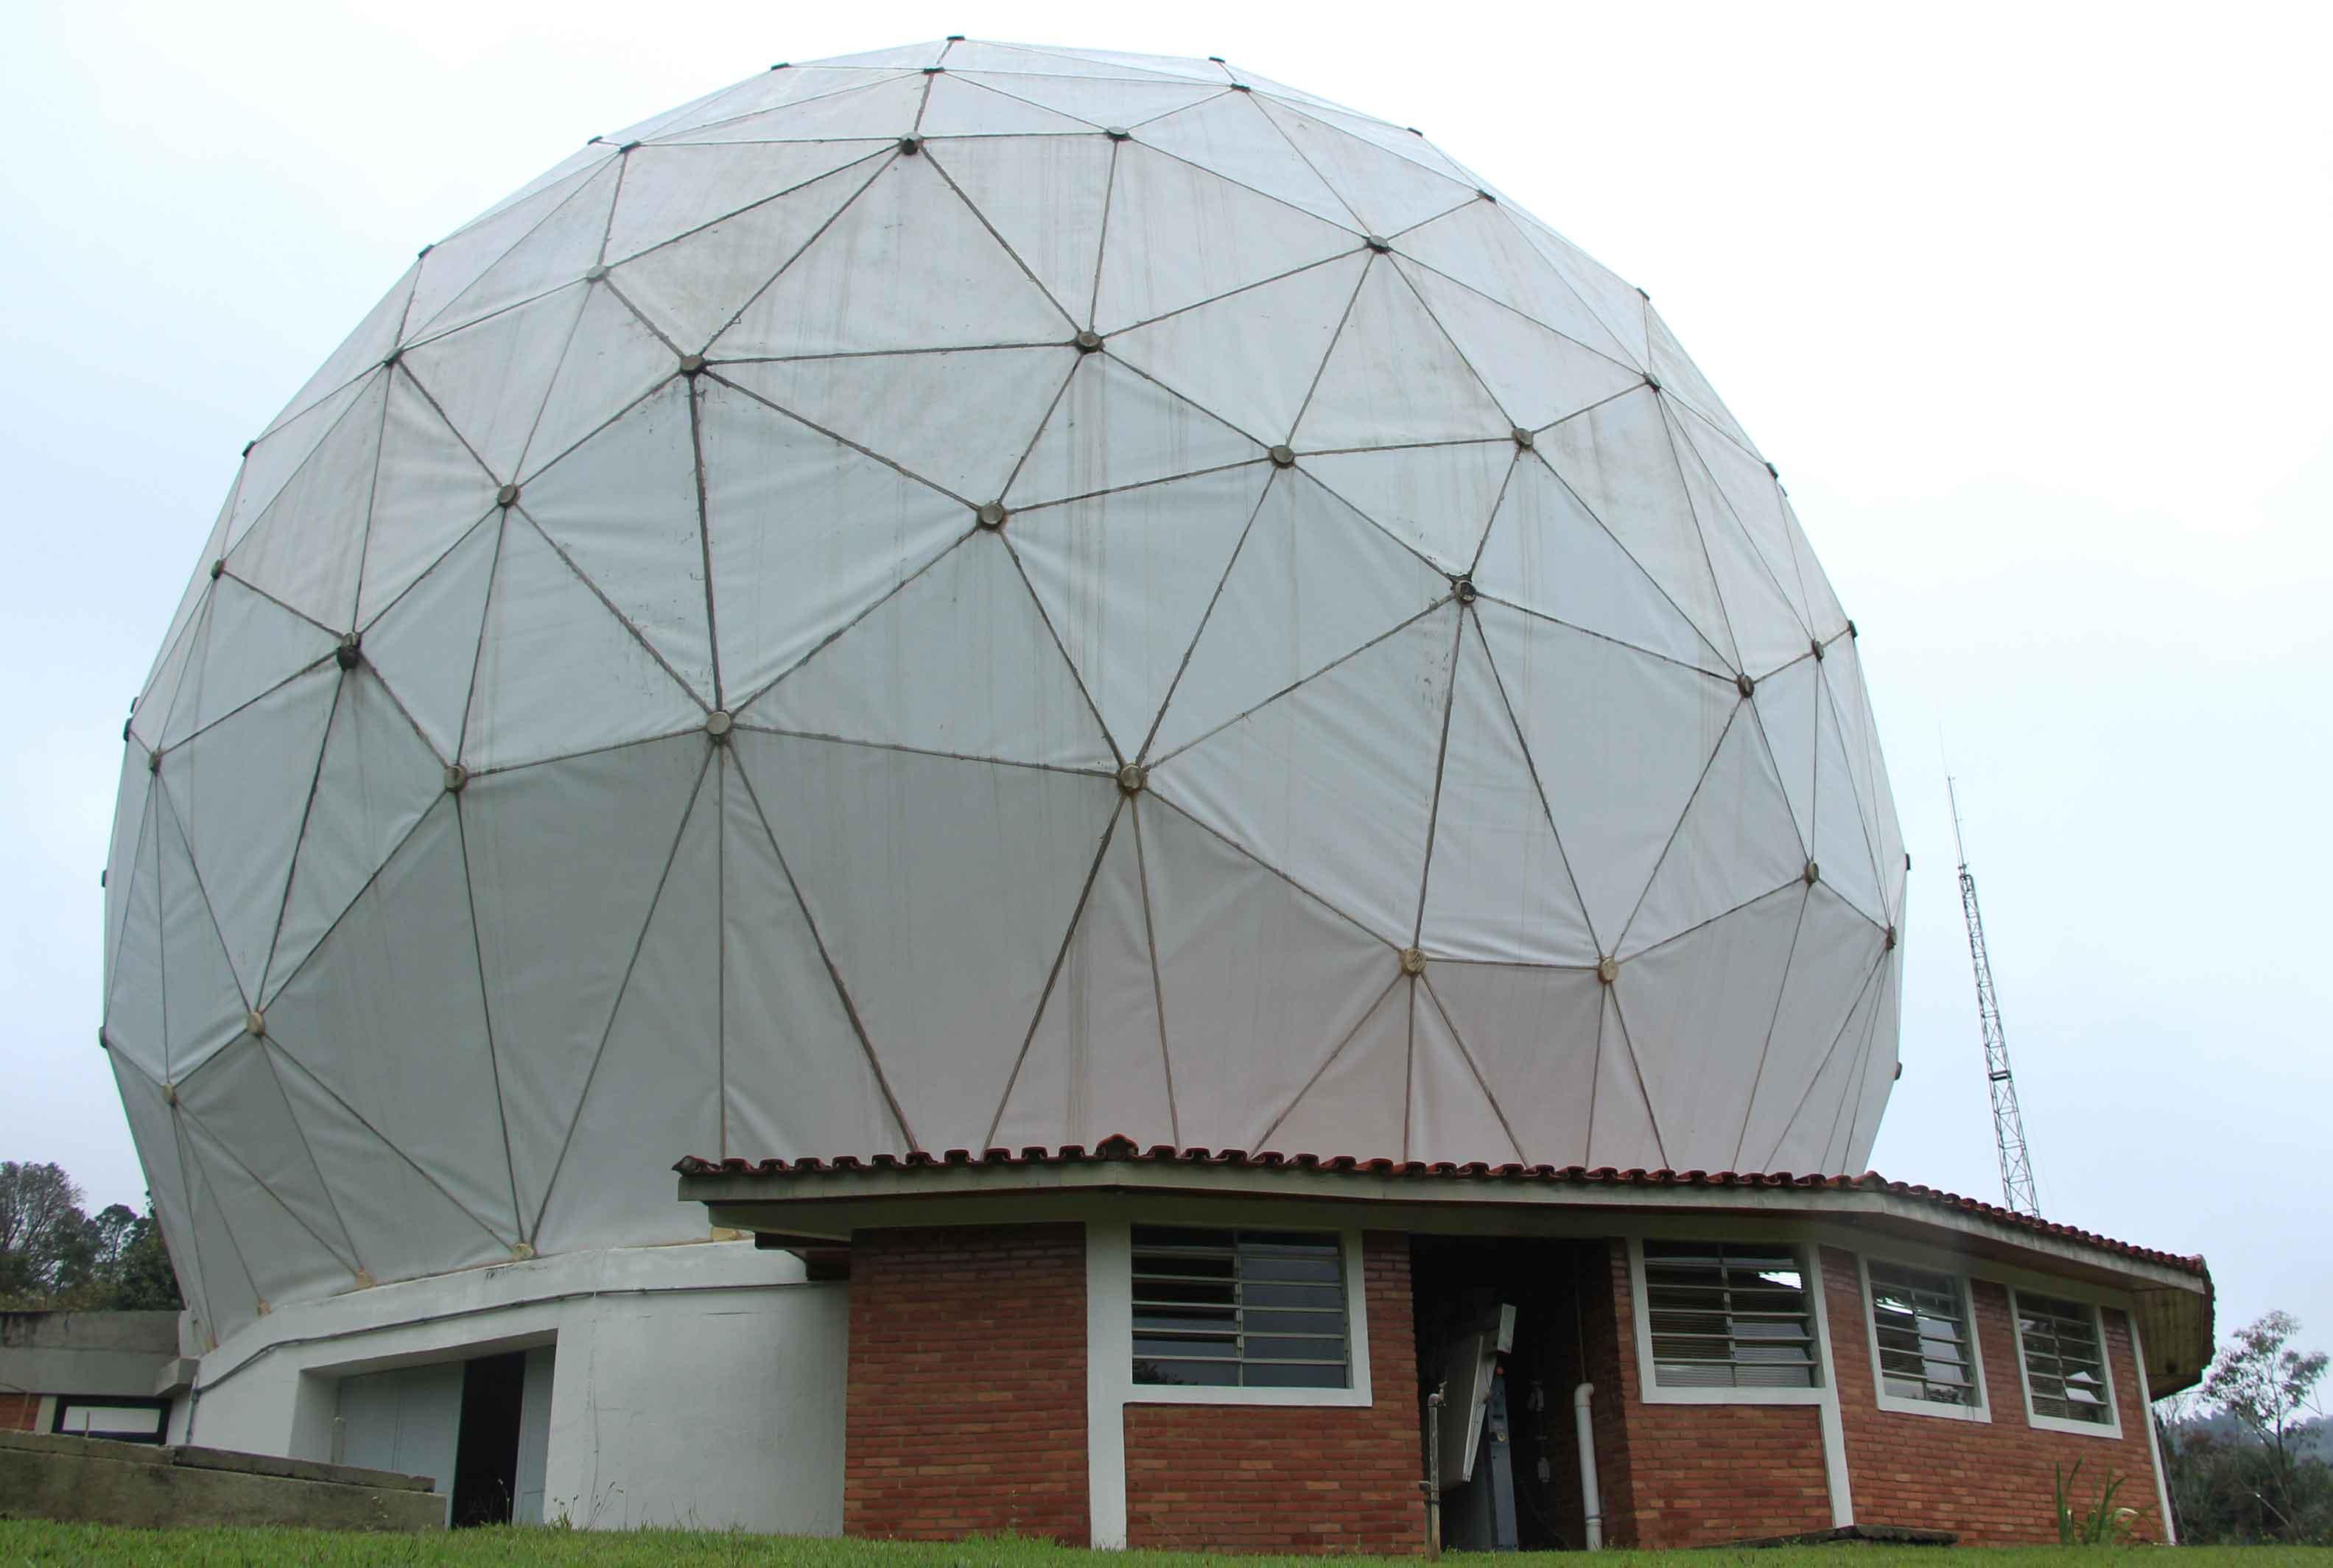 Observatório de Radiostronomia e Astrofisica Itapetinga